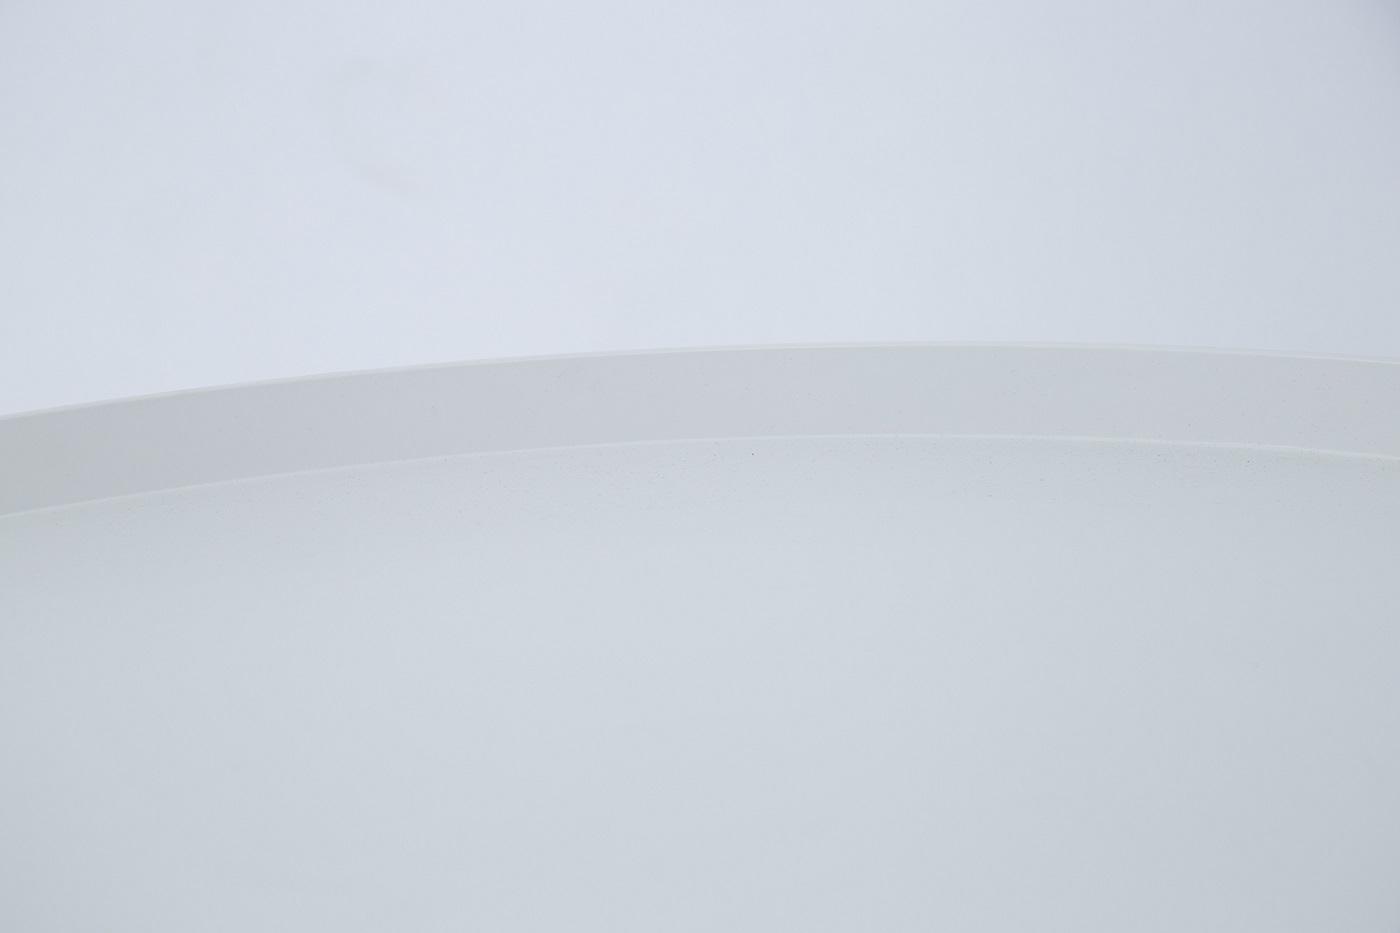 Bàn Trà Decor Meta CT 810 Mặt Bàn Kín9/16